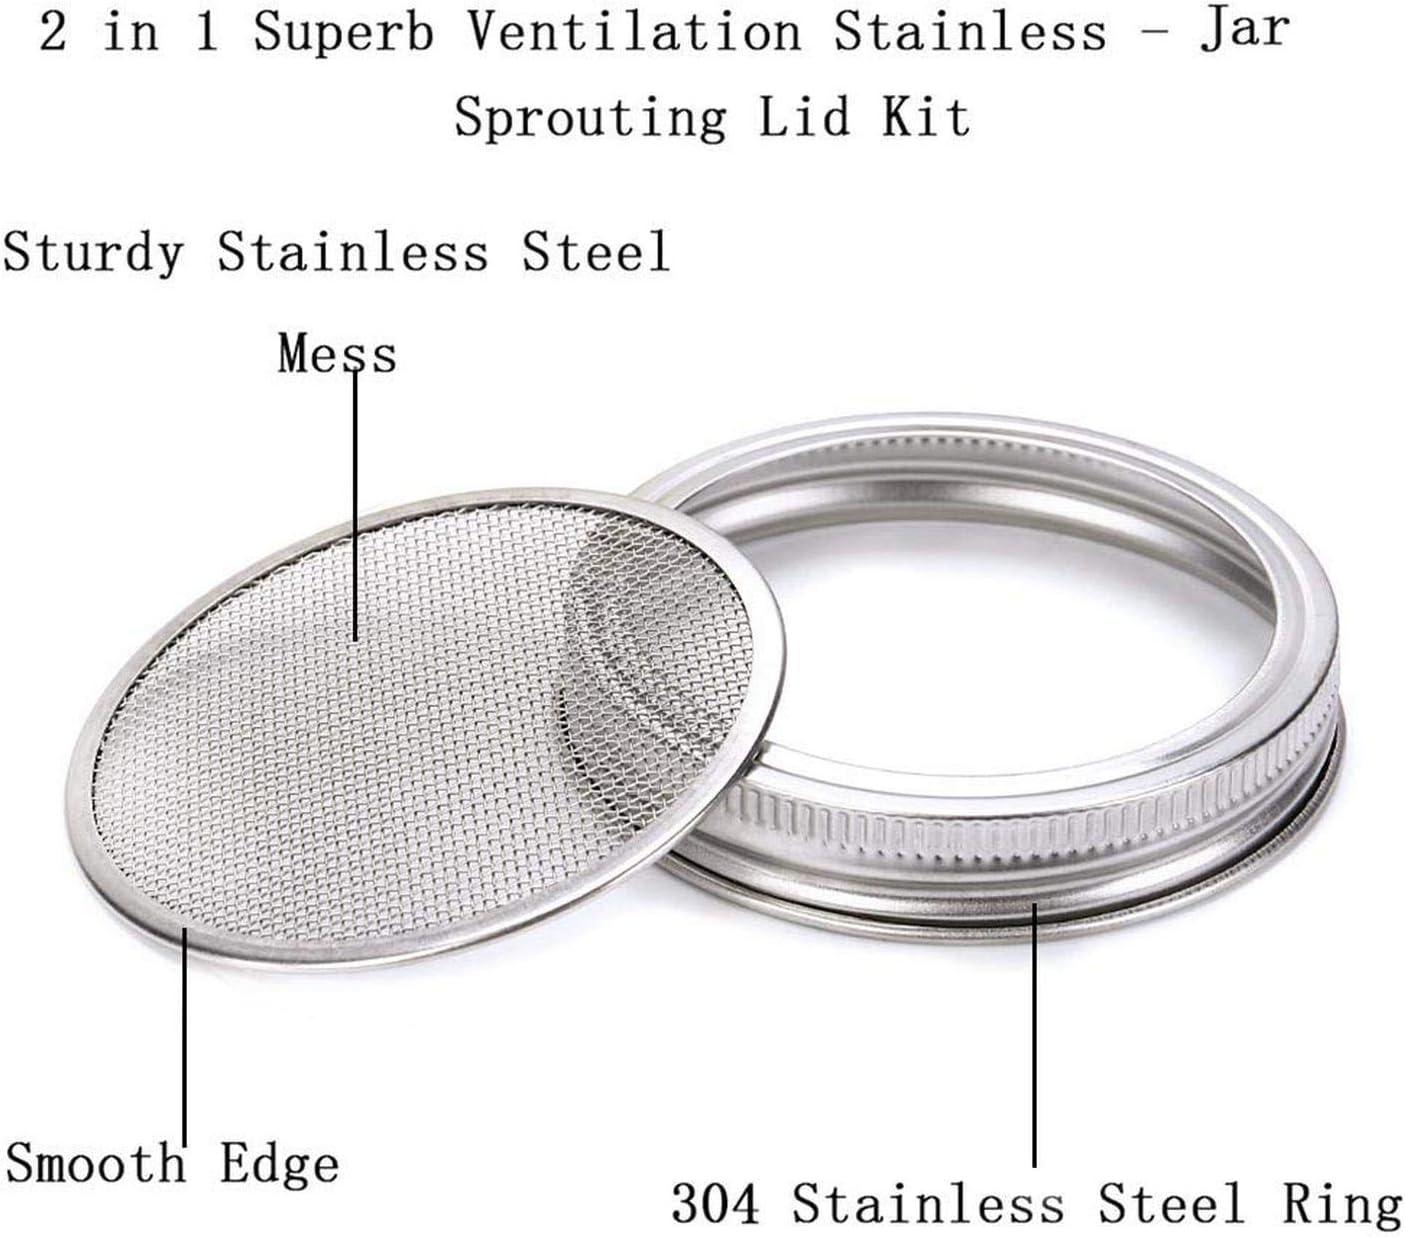 Germination Jar for large bouche pour les choux de croissance Couvercle Kit en acier inoxydable durable